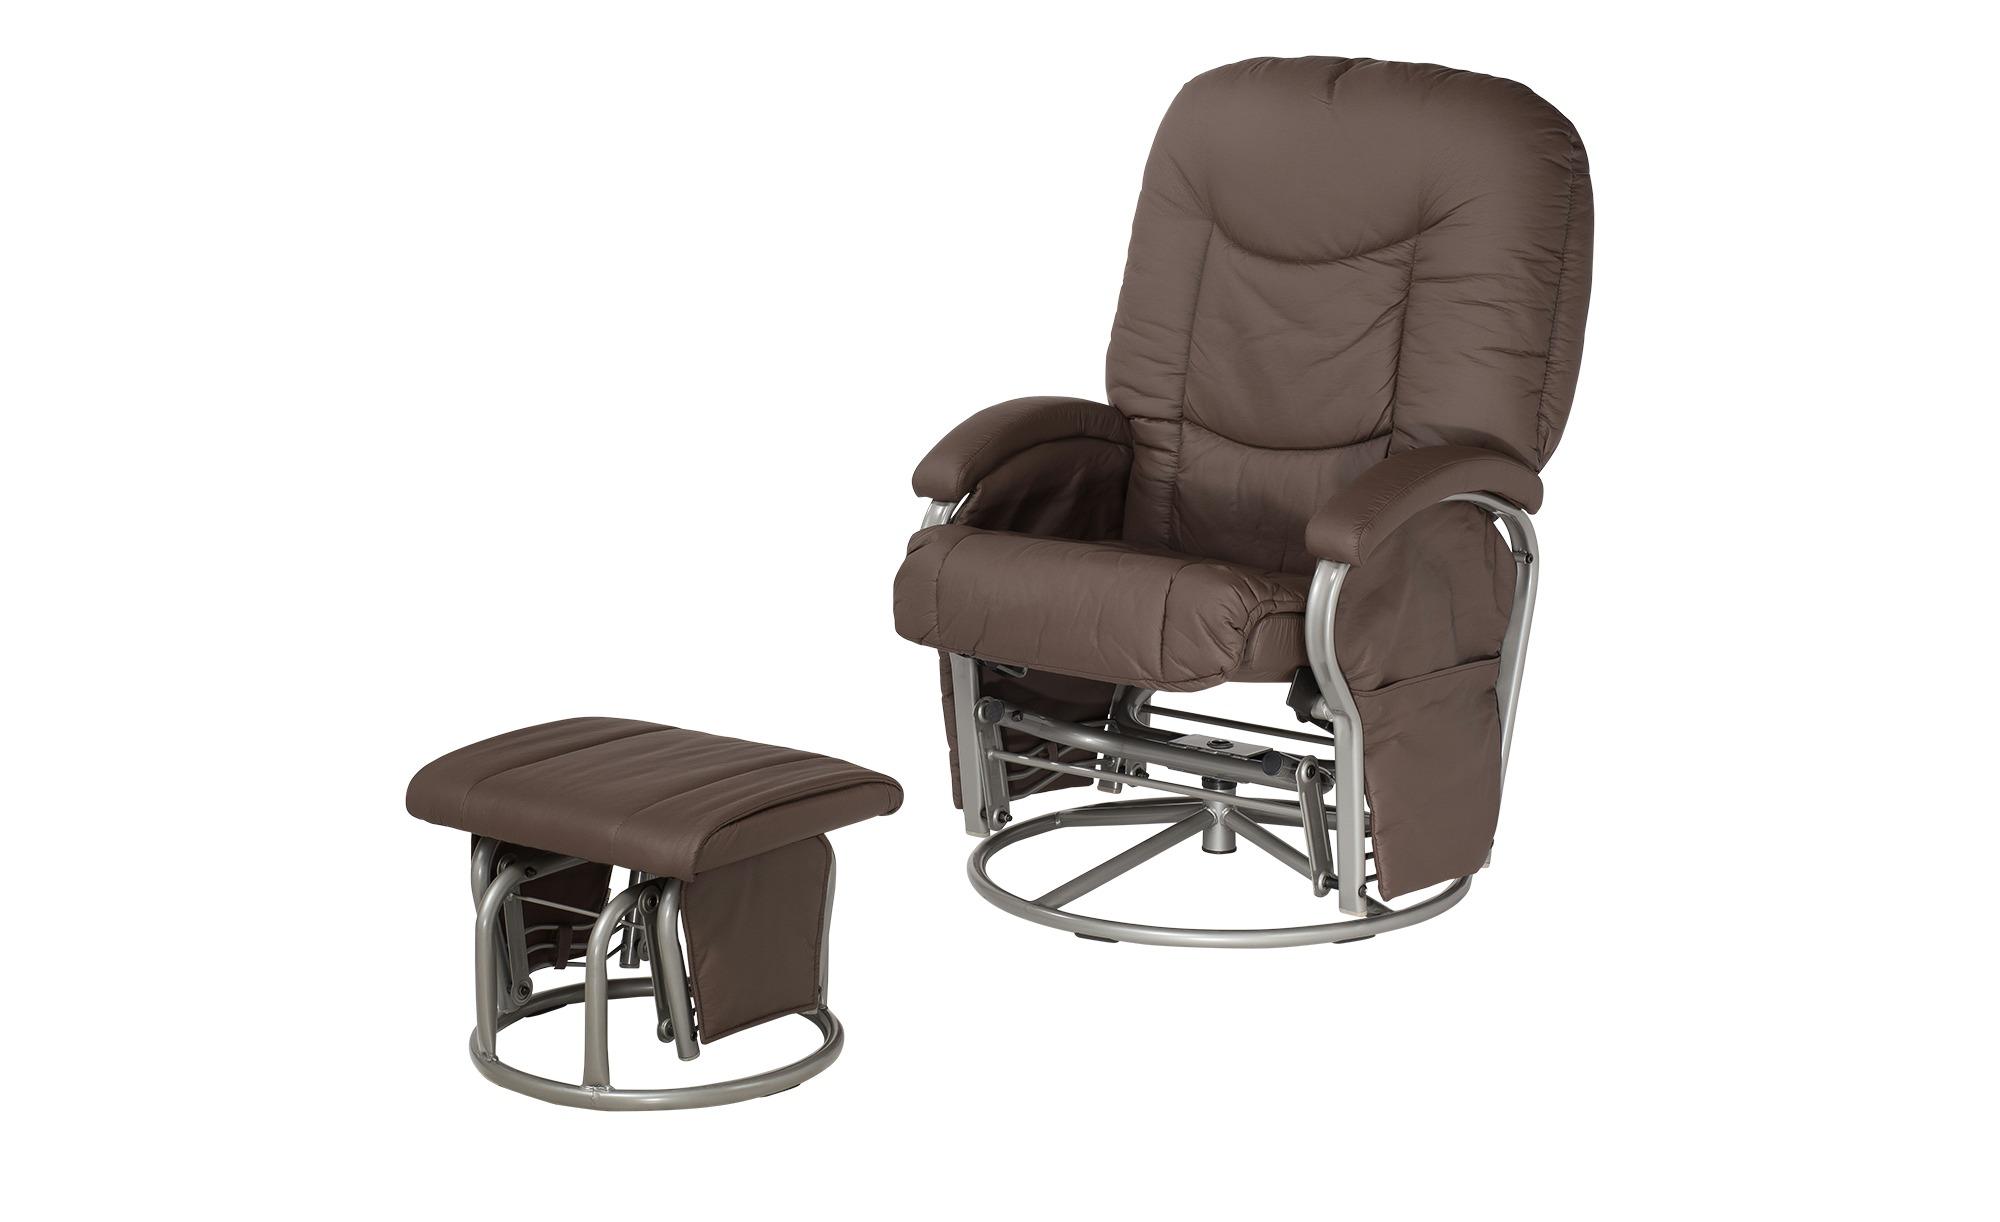 Hauck Still- und Entspannungsstuhl braun - Kunstleder Glider ¦ braun ¦ Maße (cm): B: 72 H: 102 Polstermöbel > Sessel > Drehsessel - Höffner